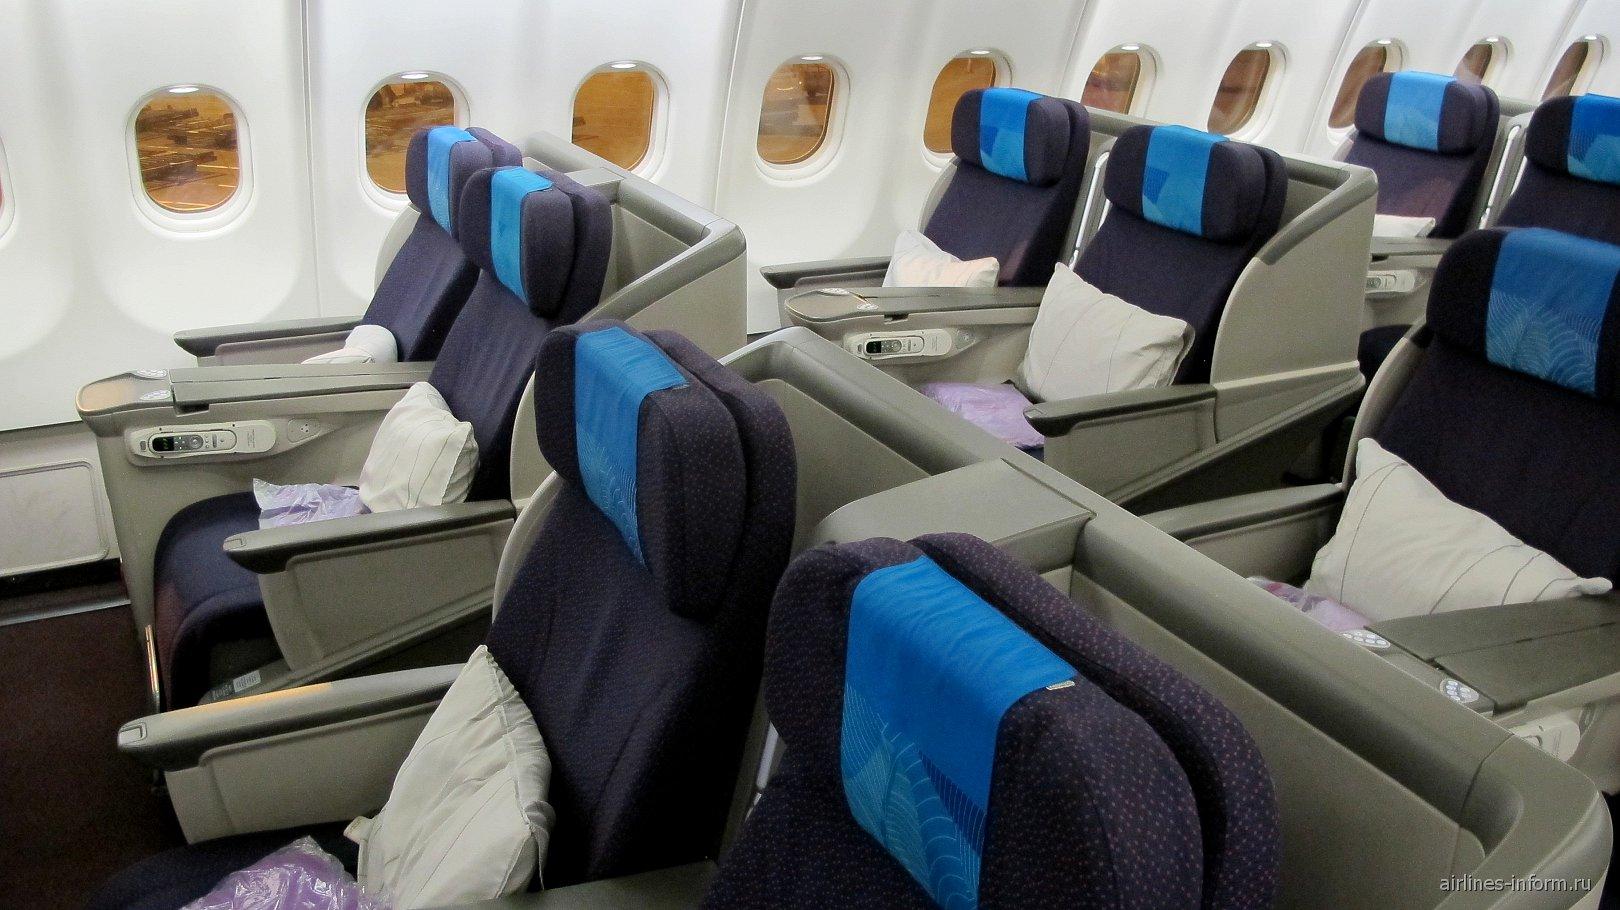 Бизнес-класс в самолете Airbus A330-300 Малайзийских авиалиний